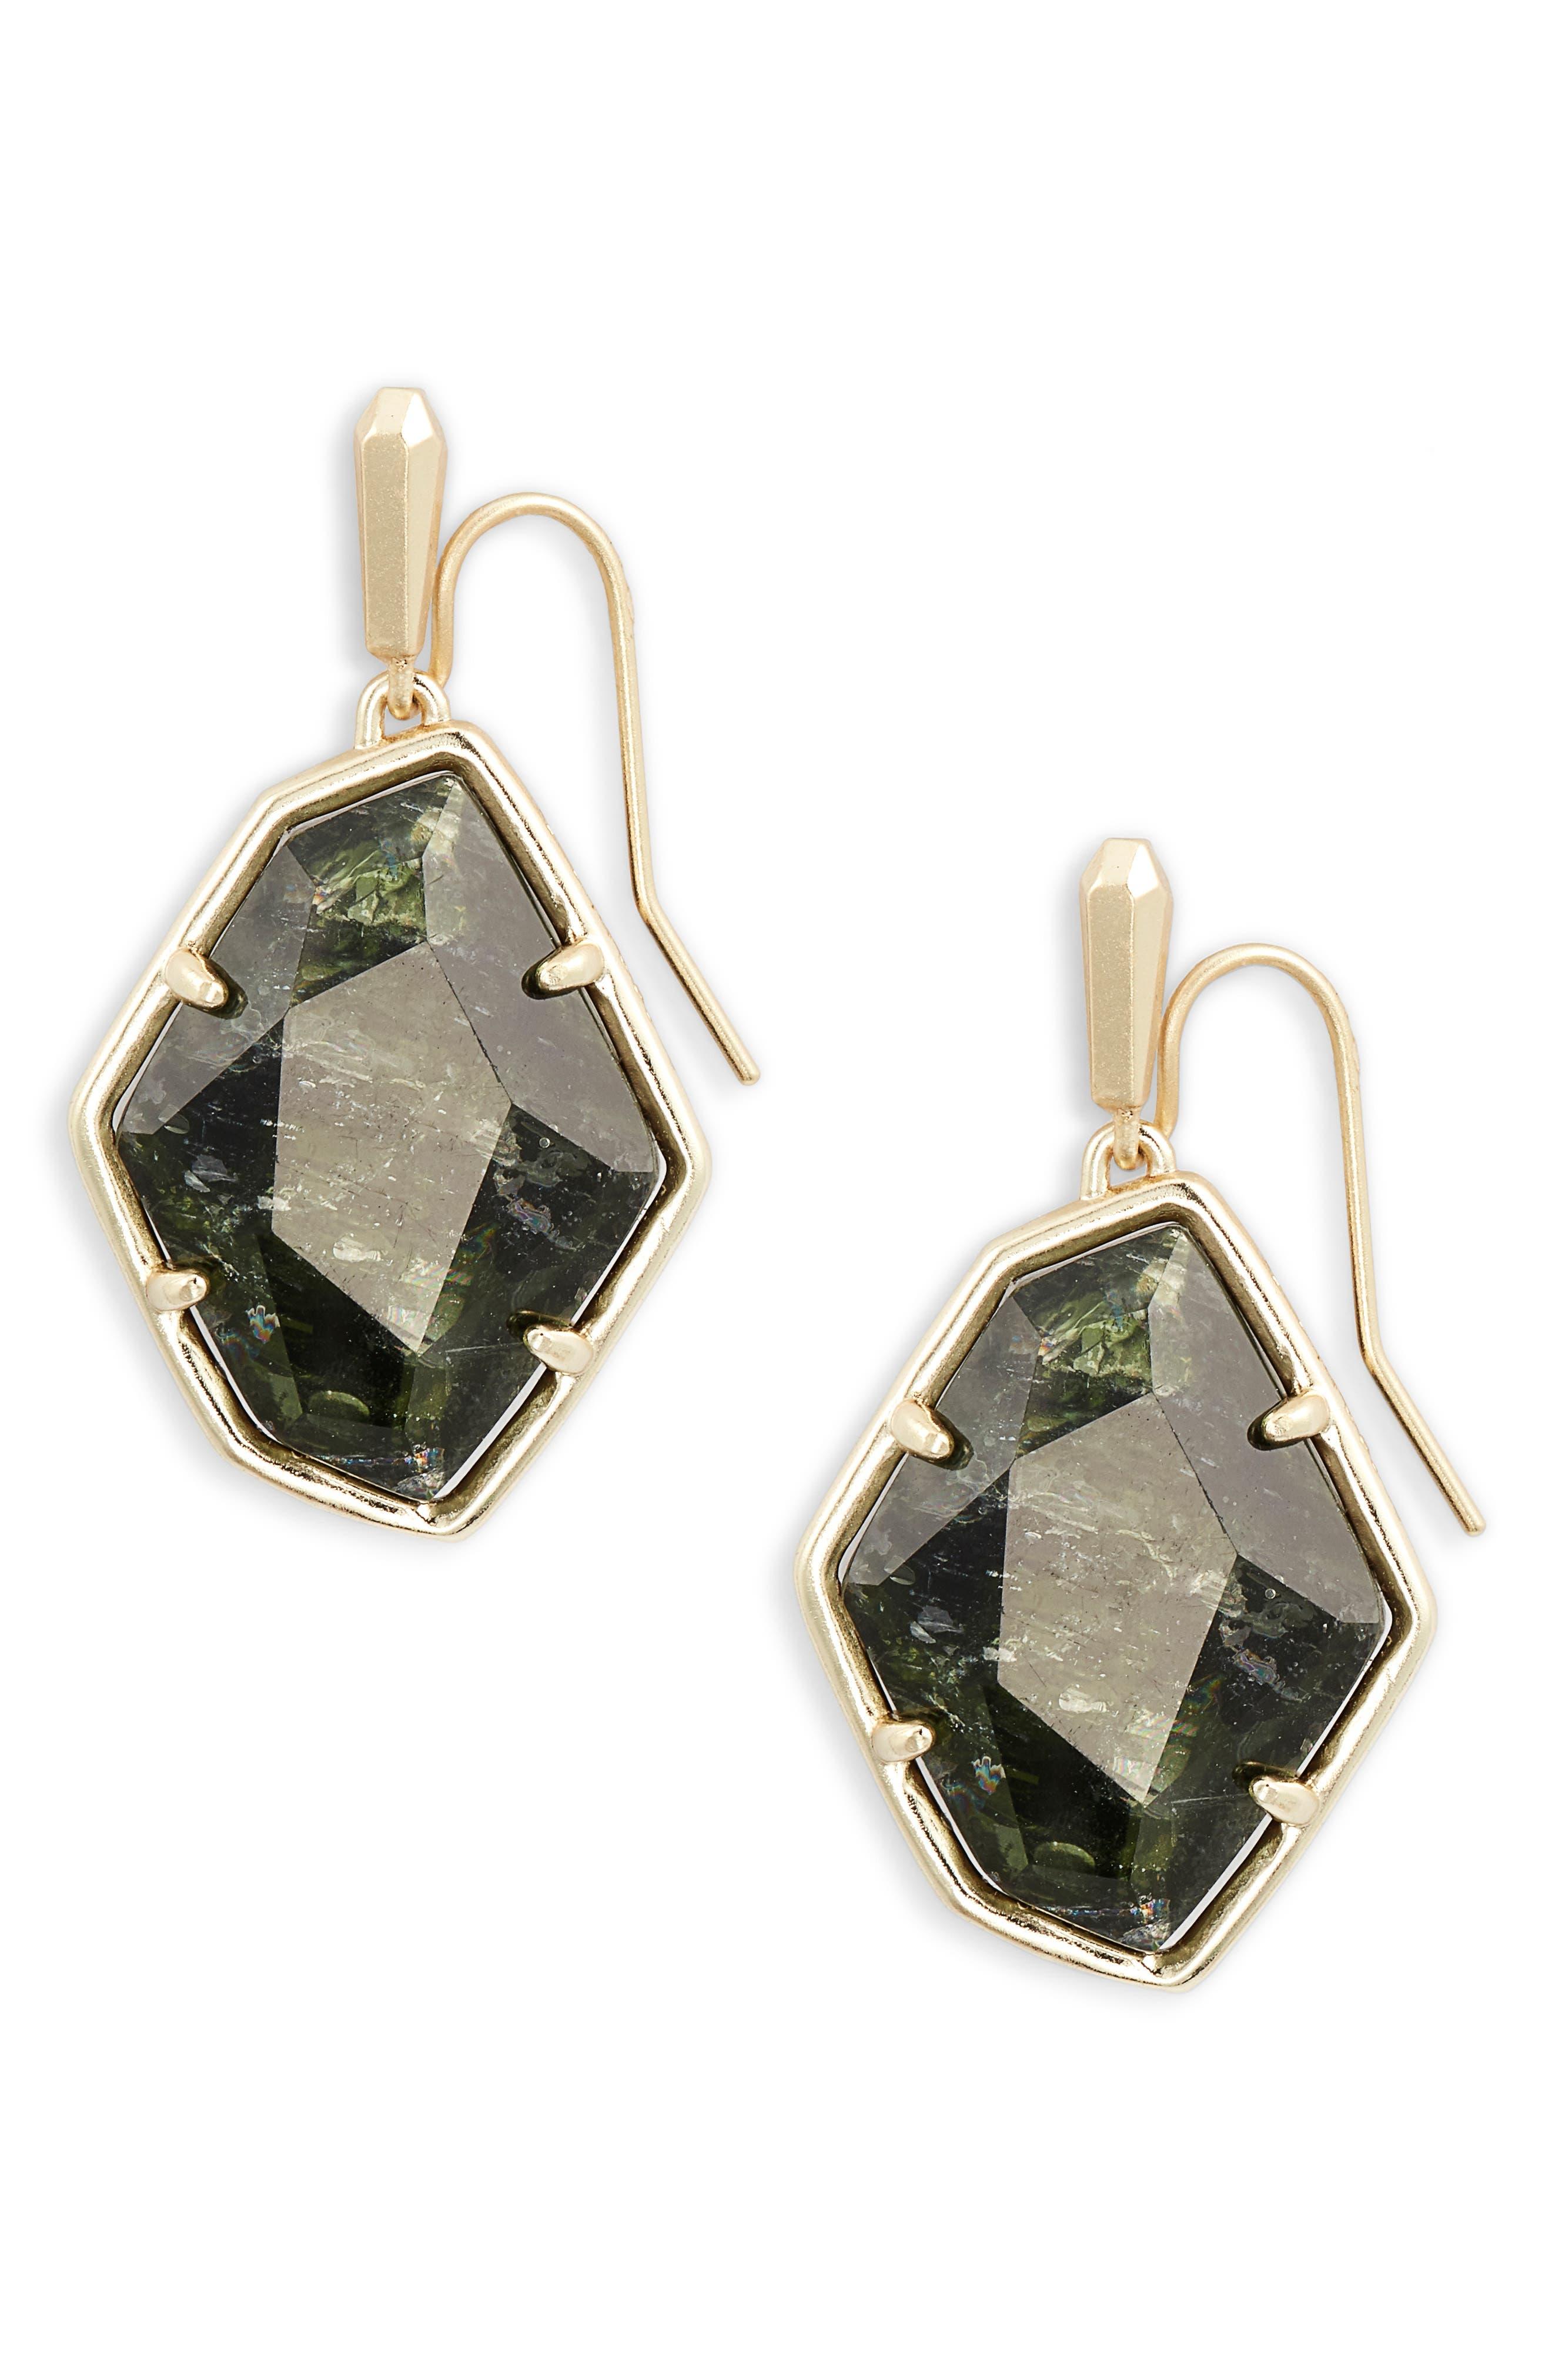 KENDRA SCOTT Dax Faceted Geometric Drop Earrings in Sage/ Gold